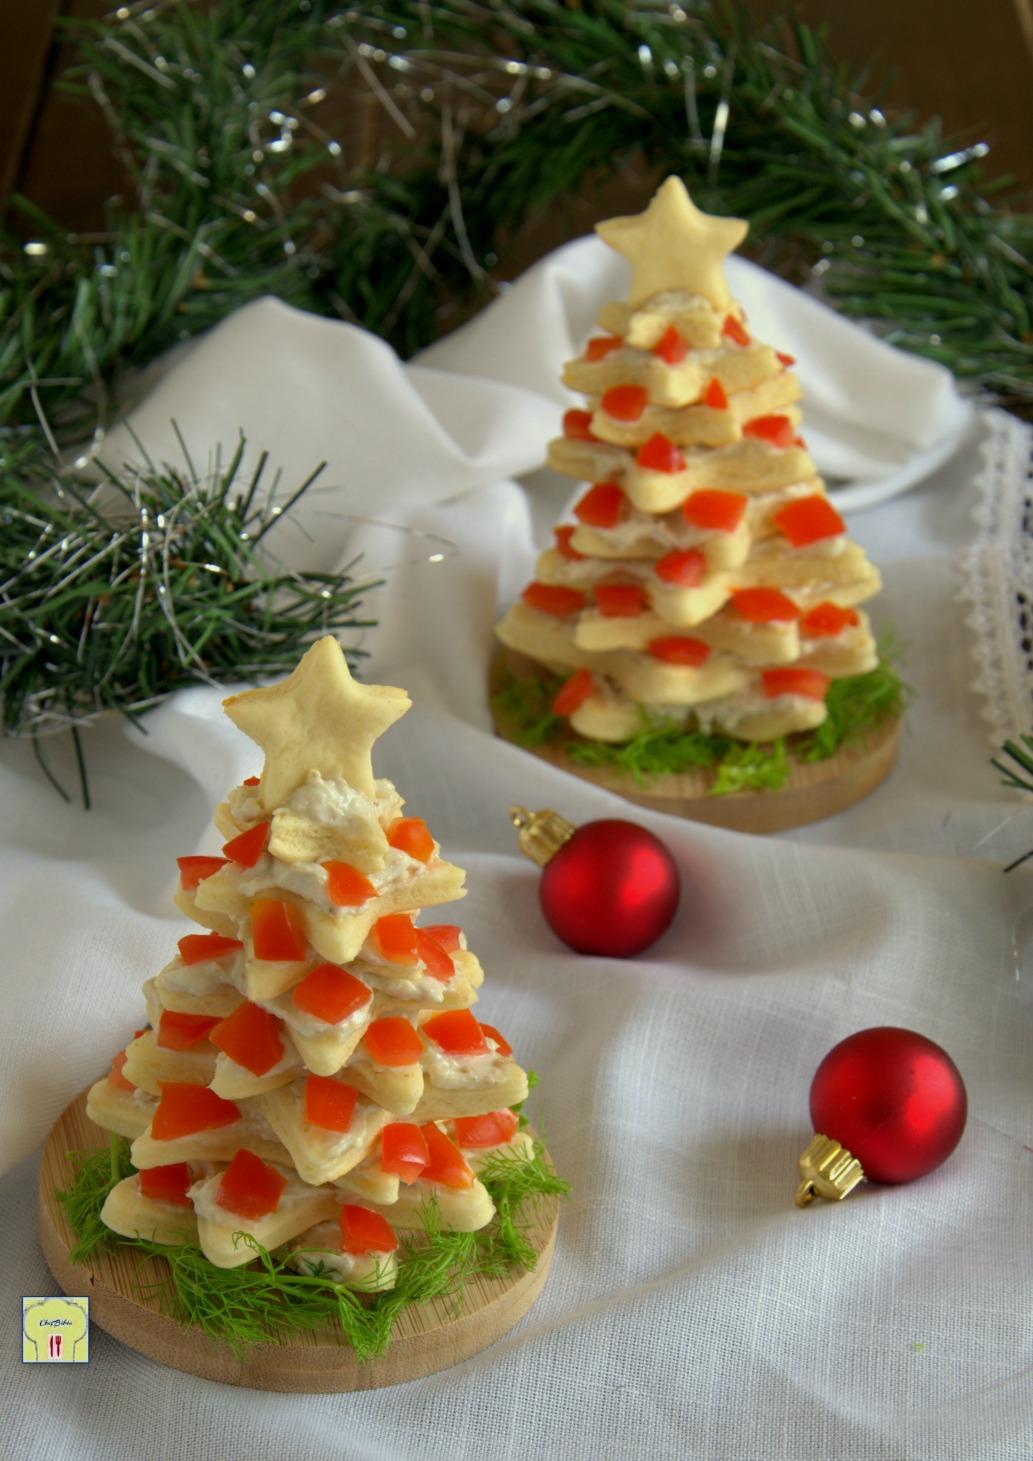 Albero Di Natale Con Biscotti.Albero Di Biscotti Salati Antipasto Per Le Feste Di Natale